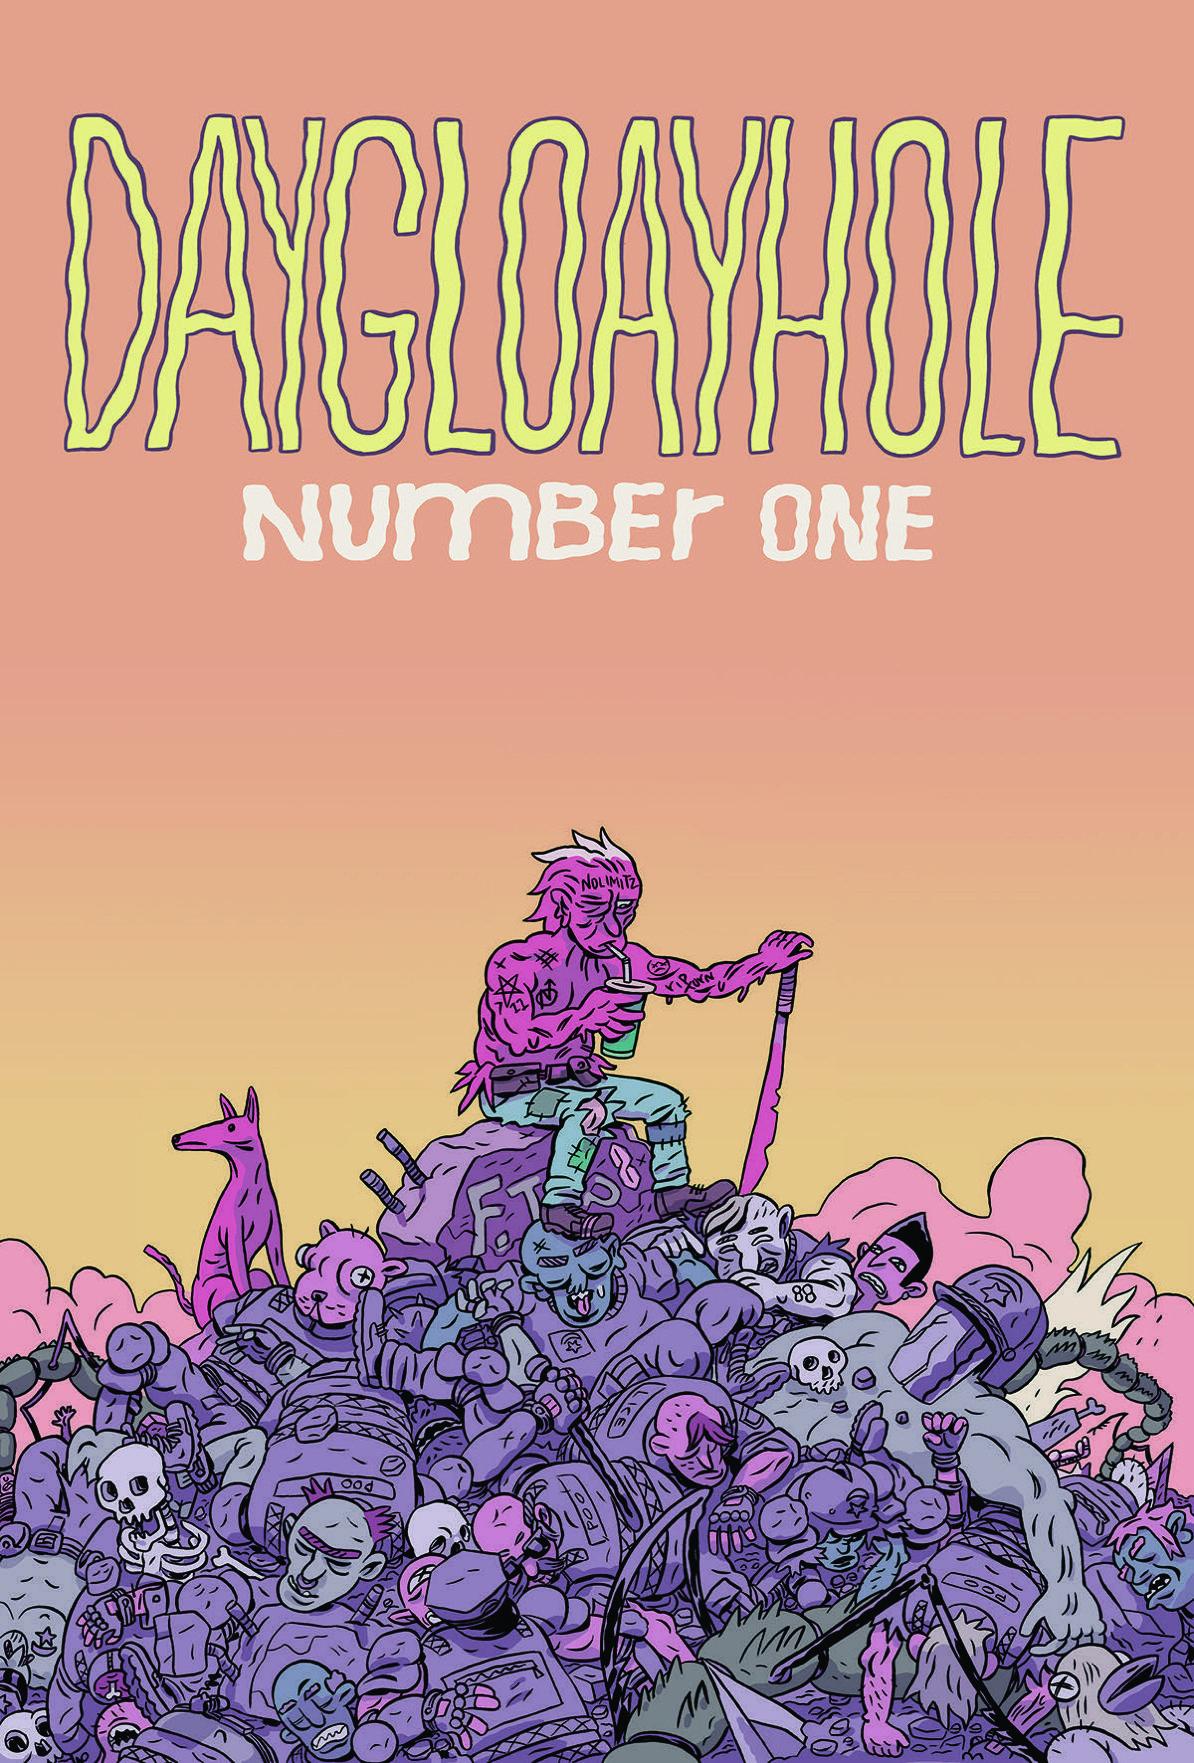 Daygloayhole-1-cover.jpg